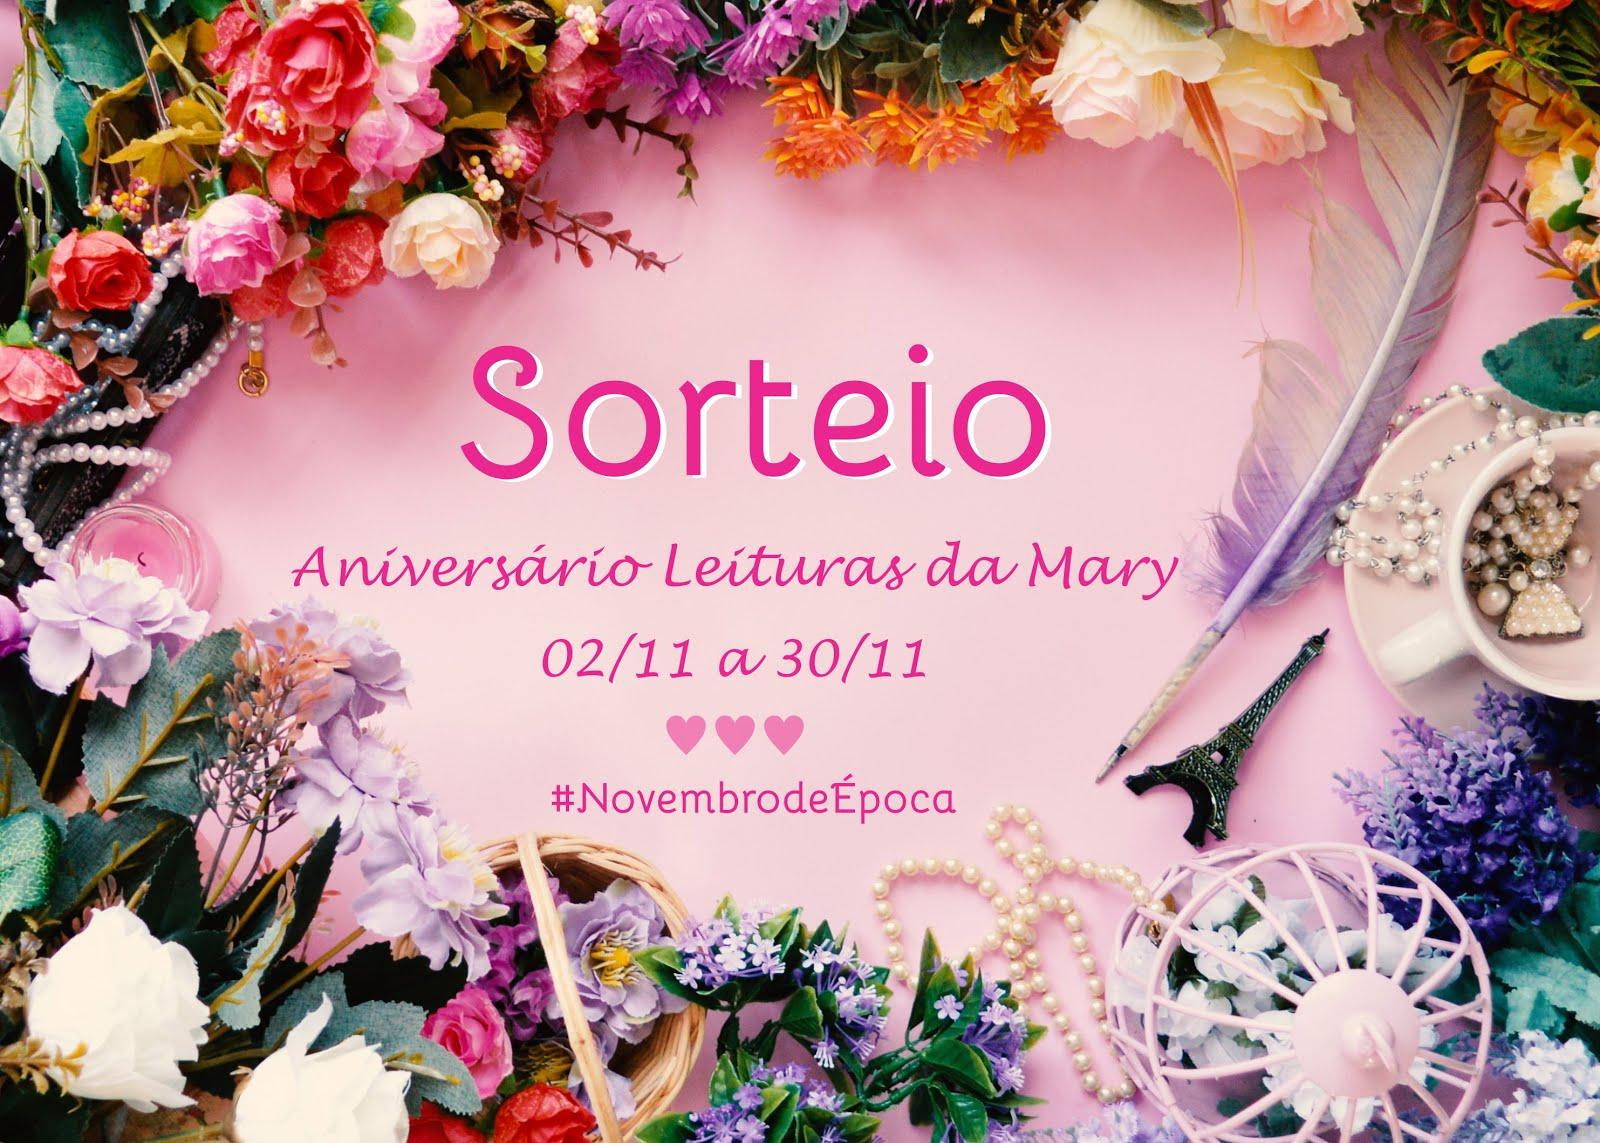 [SORTEIO] Aniversário Leituras da Mary